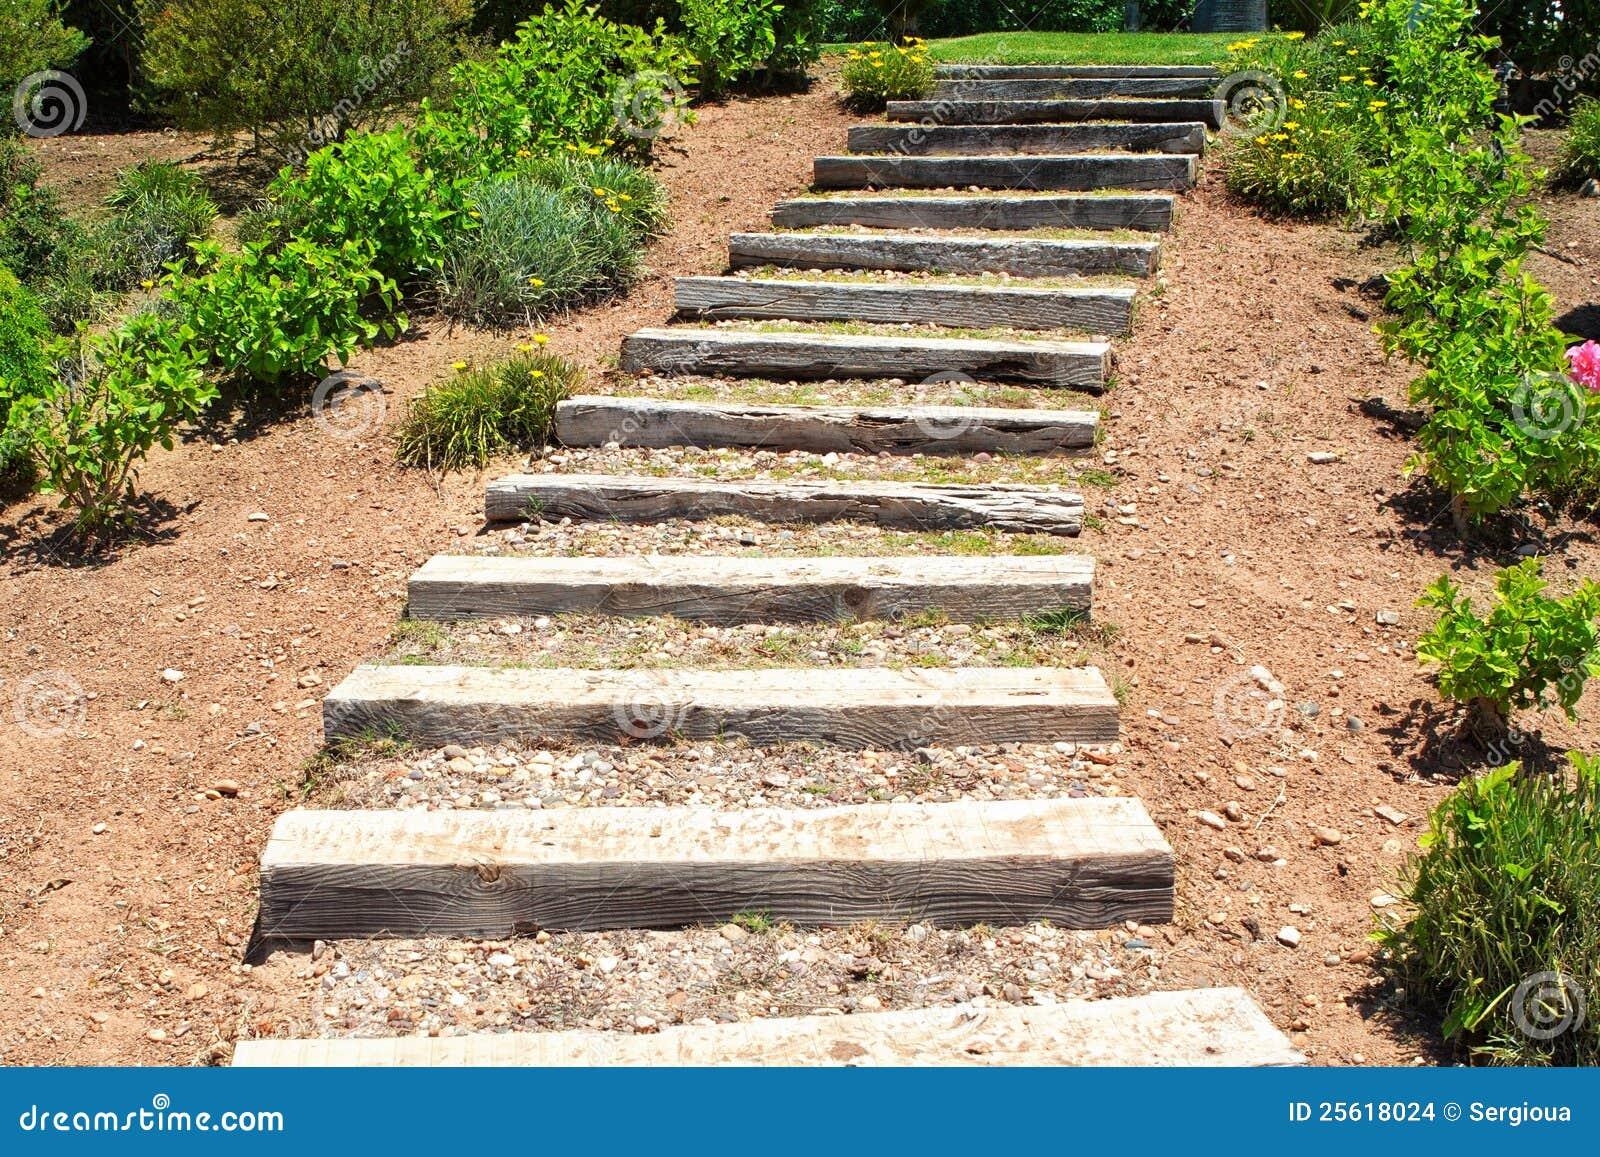 escada jardim madeira : escada jardim madeira:Wooden Garden Stairs